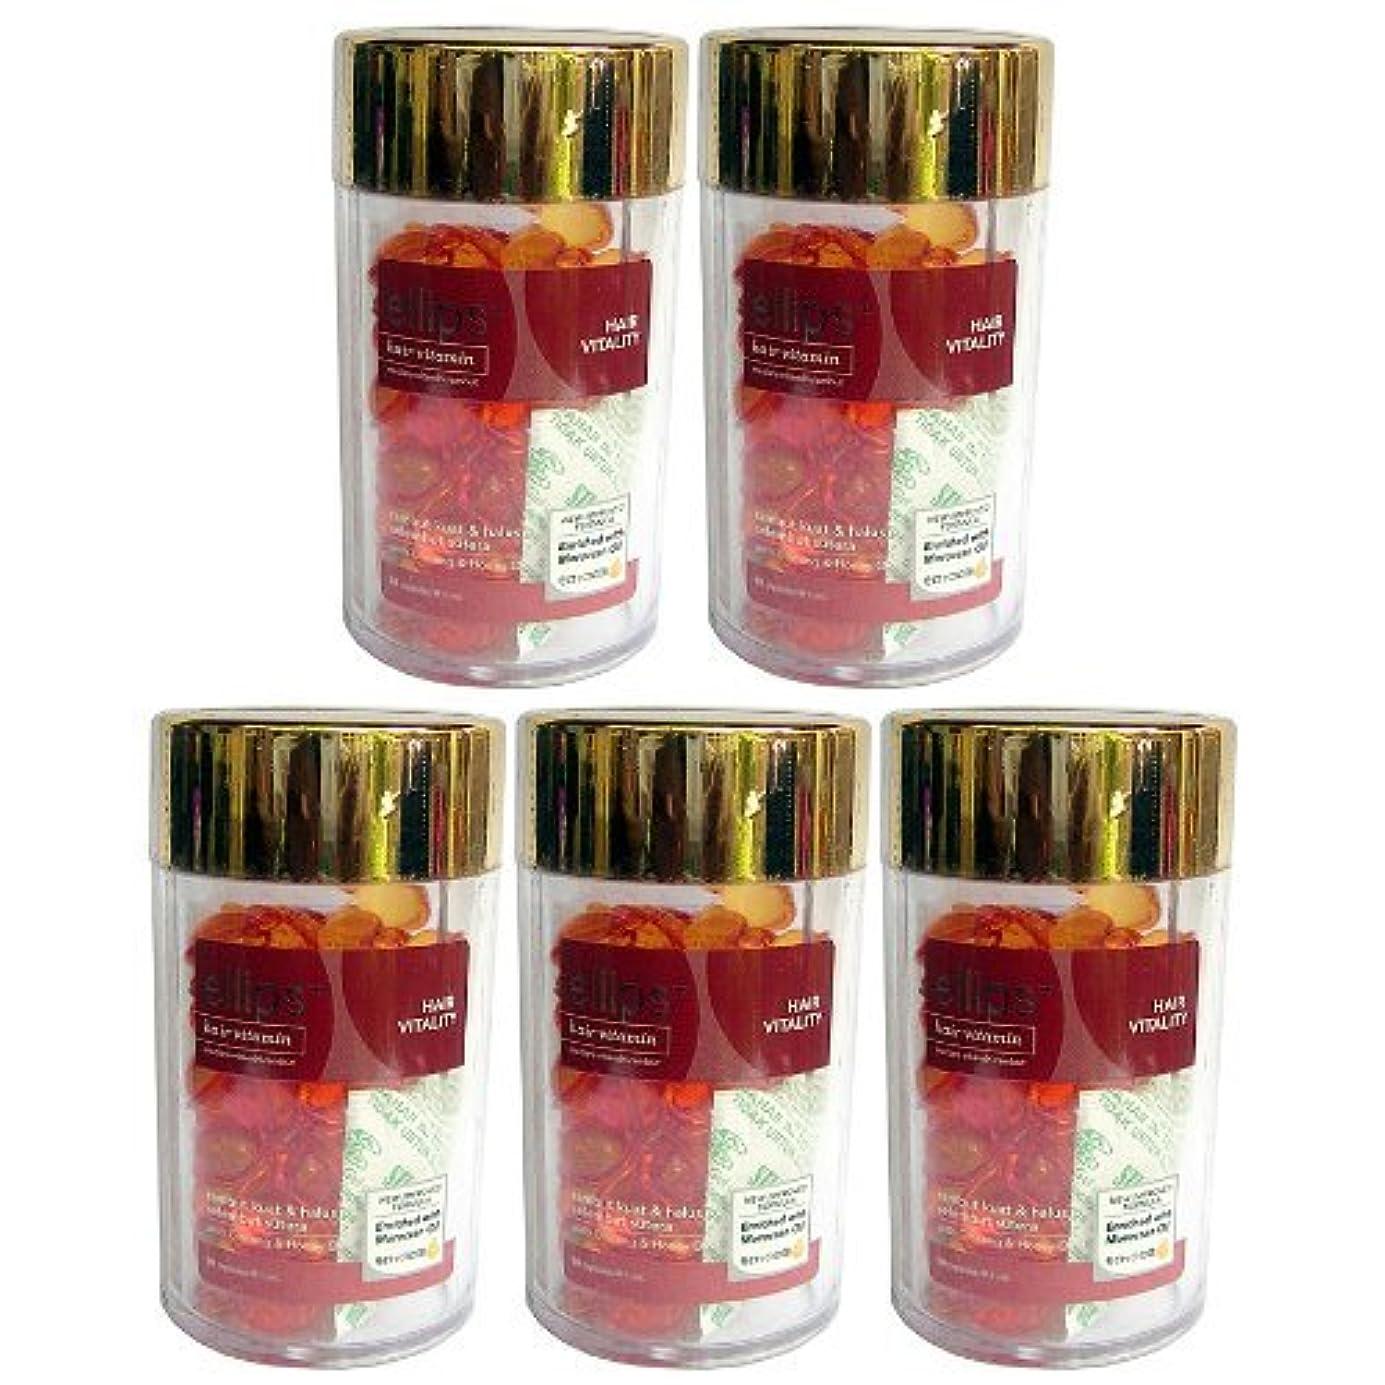 解説気配りのあるアマチュアエリップスellipsヘアビタミン洗い流さないヘアトリートメント50粒入ボトル5本組(海外直送品)(並行輸入品) (オレンジ5本)